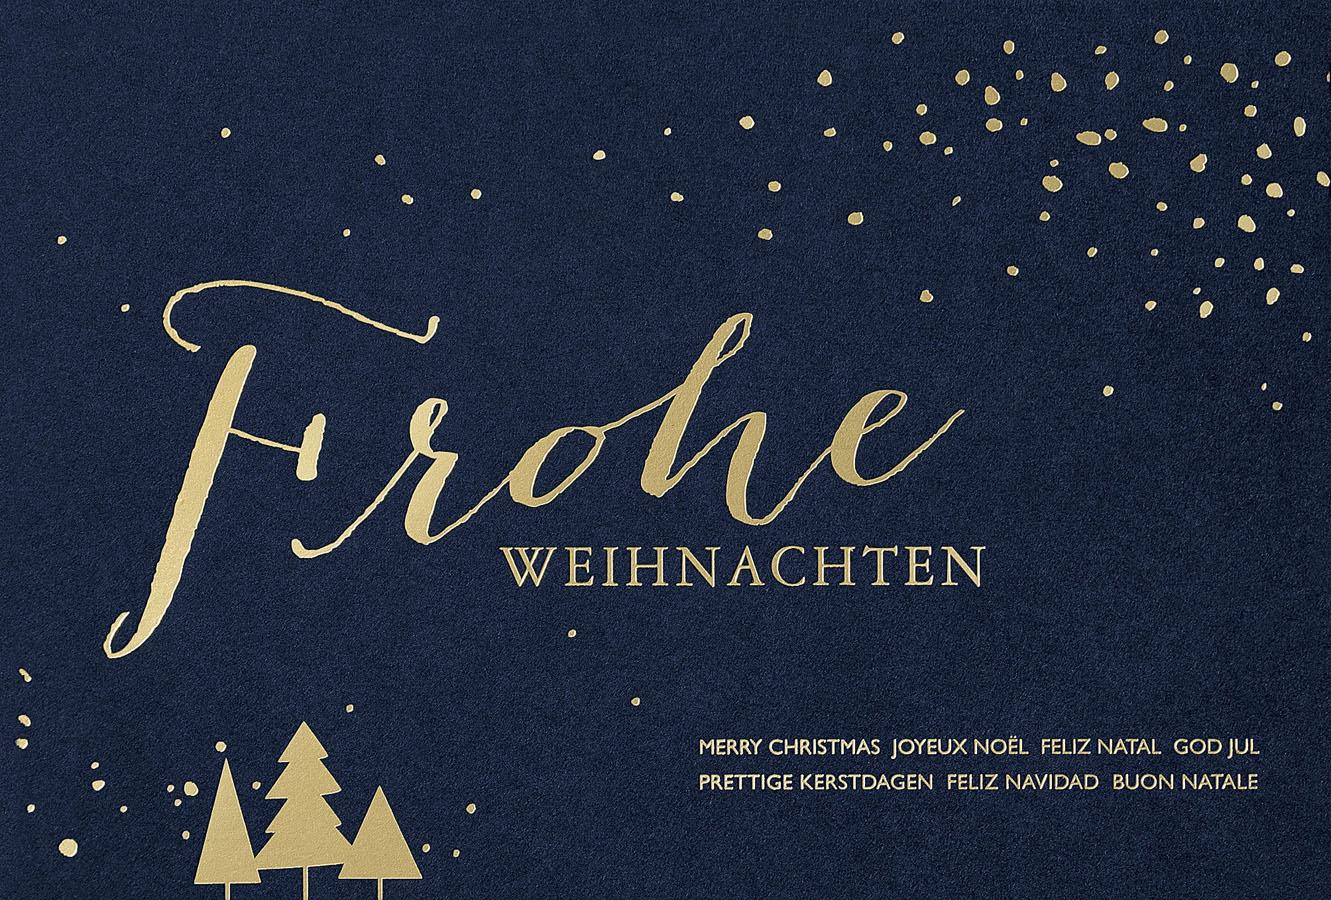 weihnachtskarte frohe weihnachten international. Black Bedroom Furniture Sets. Home Design Ideas